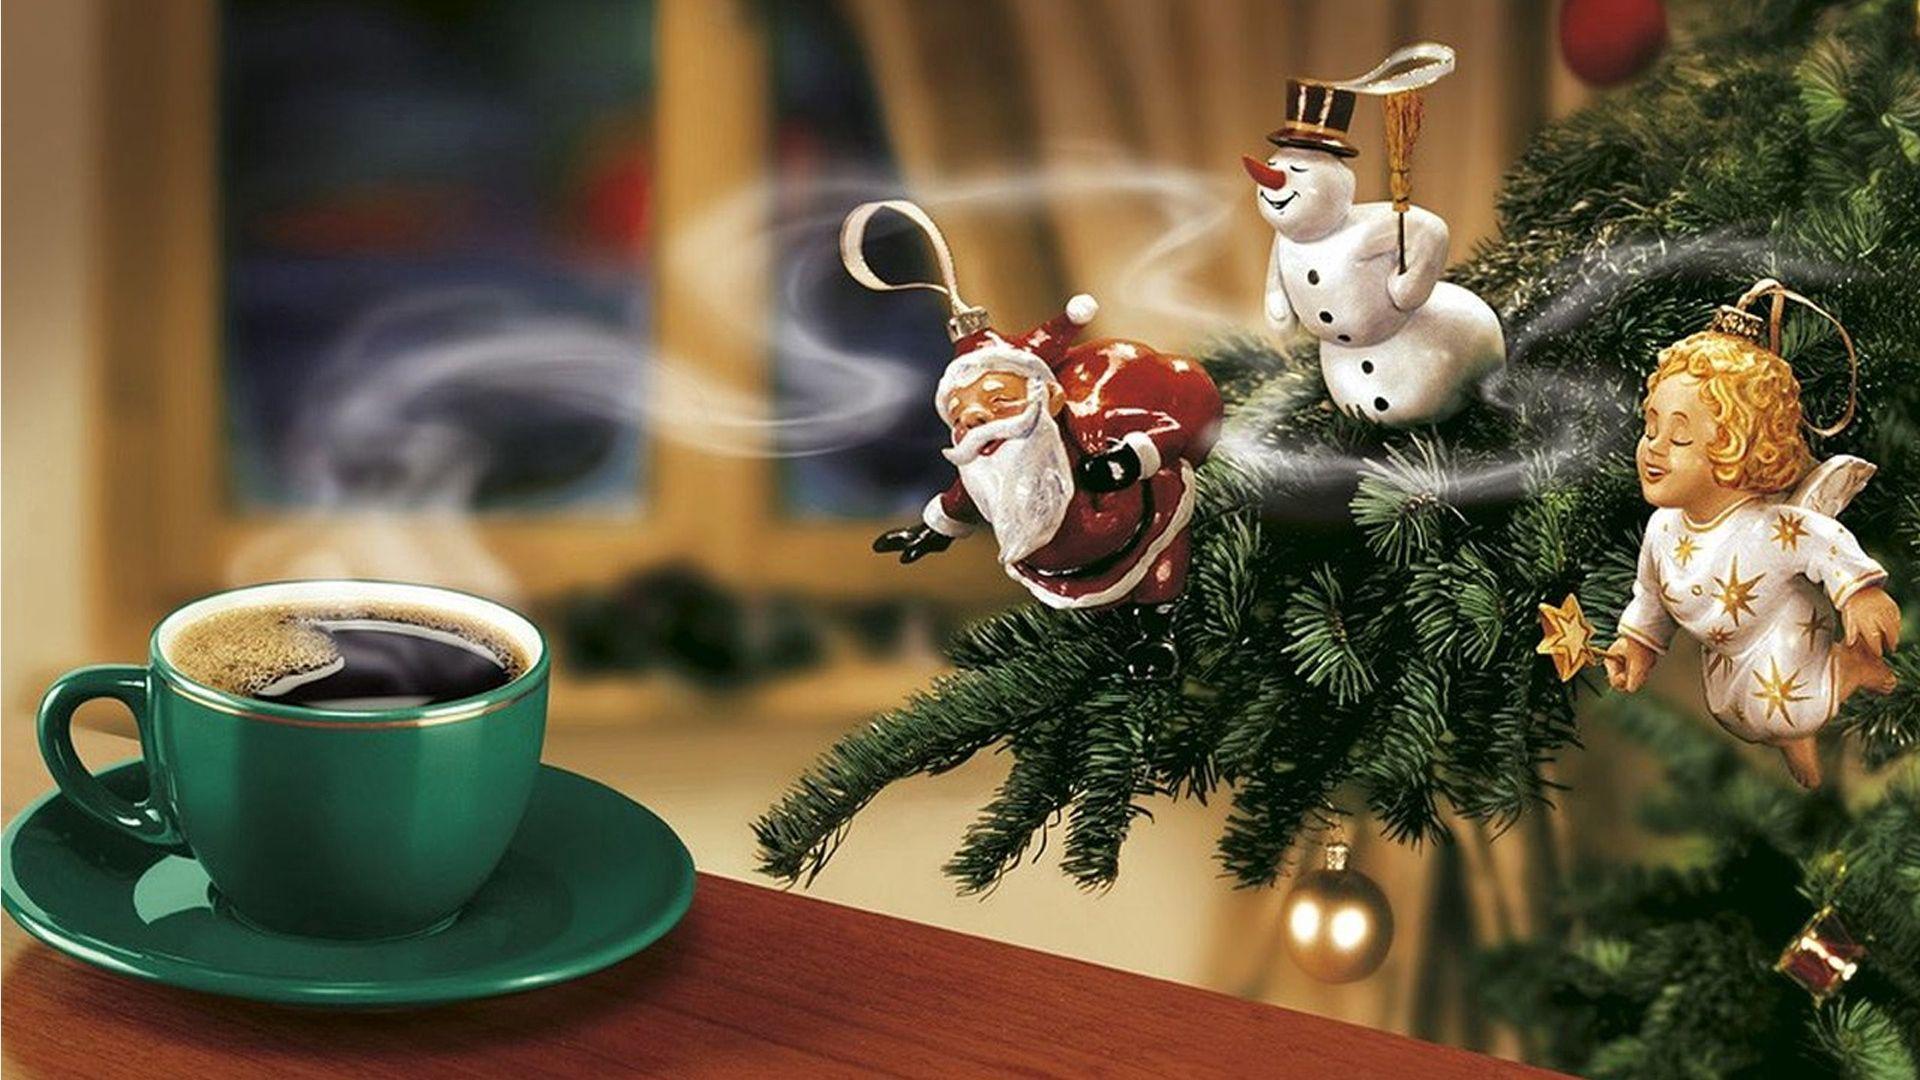 59759 Salvapantallas y fondos de pantalla Año Nuevo en tu teléfono. Descarga imágenes de Comida, Año Nuevo, Café, Árbol De Navidad, Jack Frost, Monigote De Nieve, Muñeco De Nieve, Ángel gratis